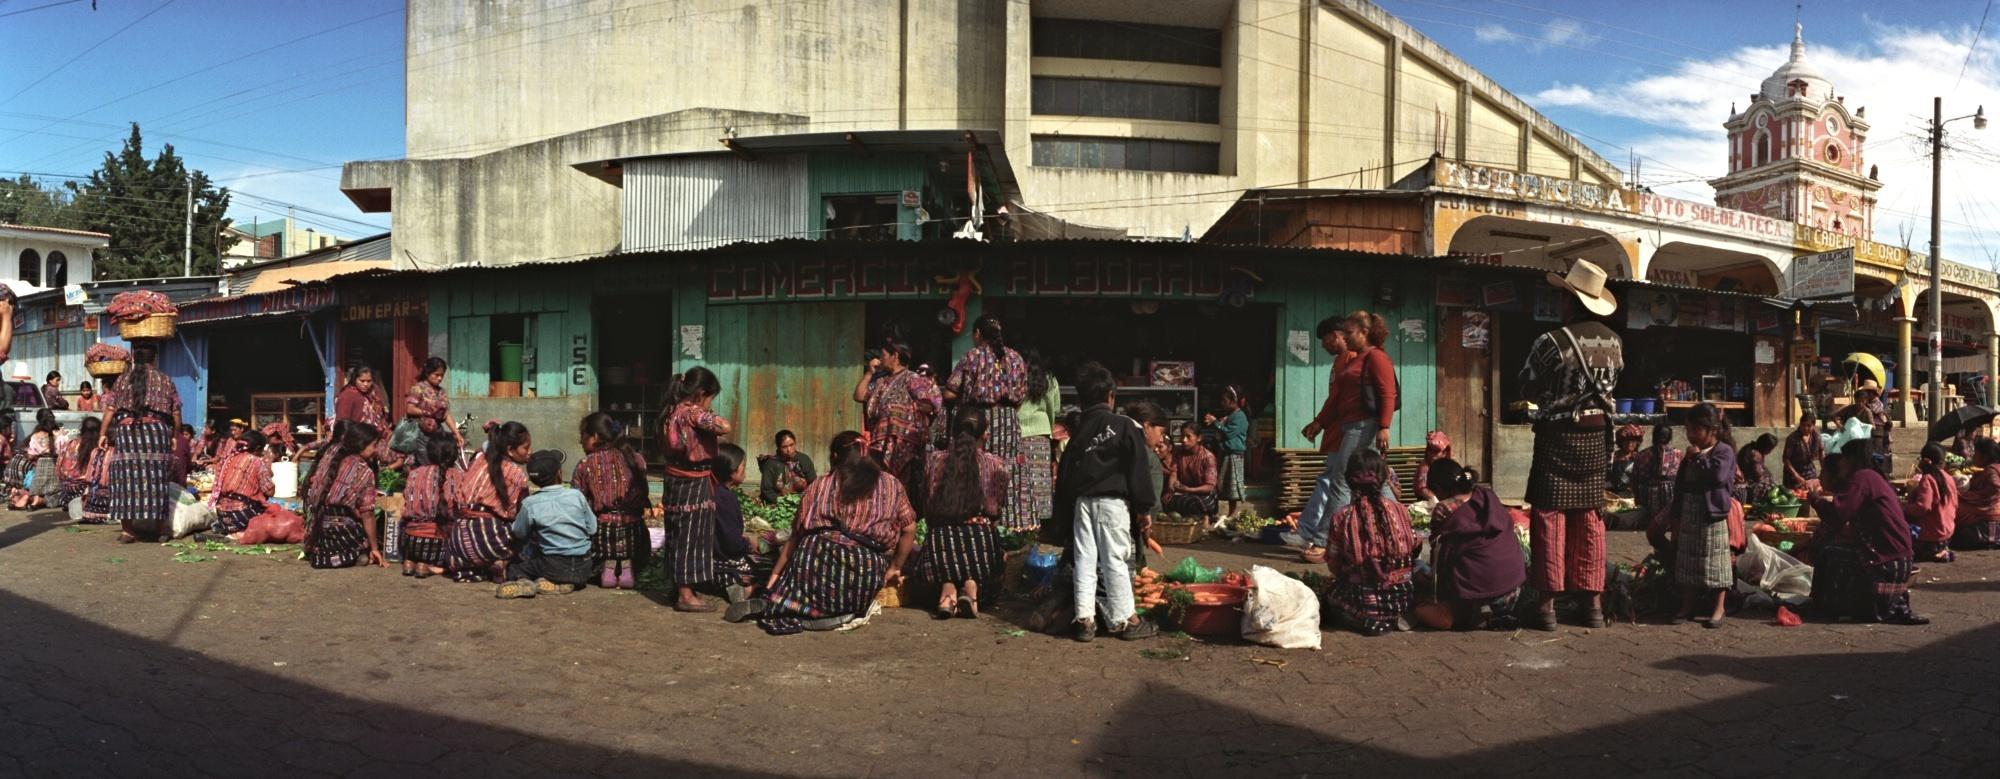 Solola trh – Guate